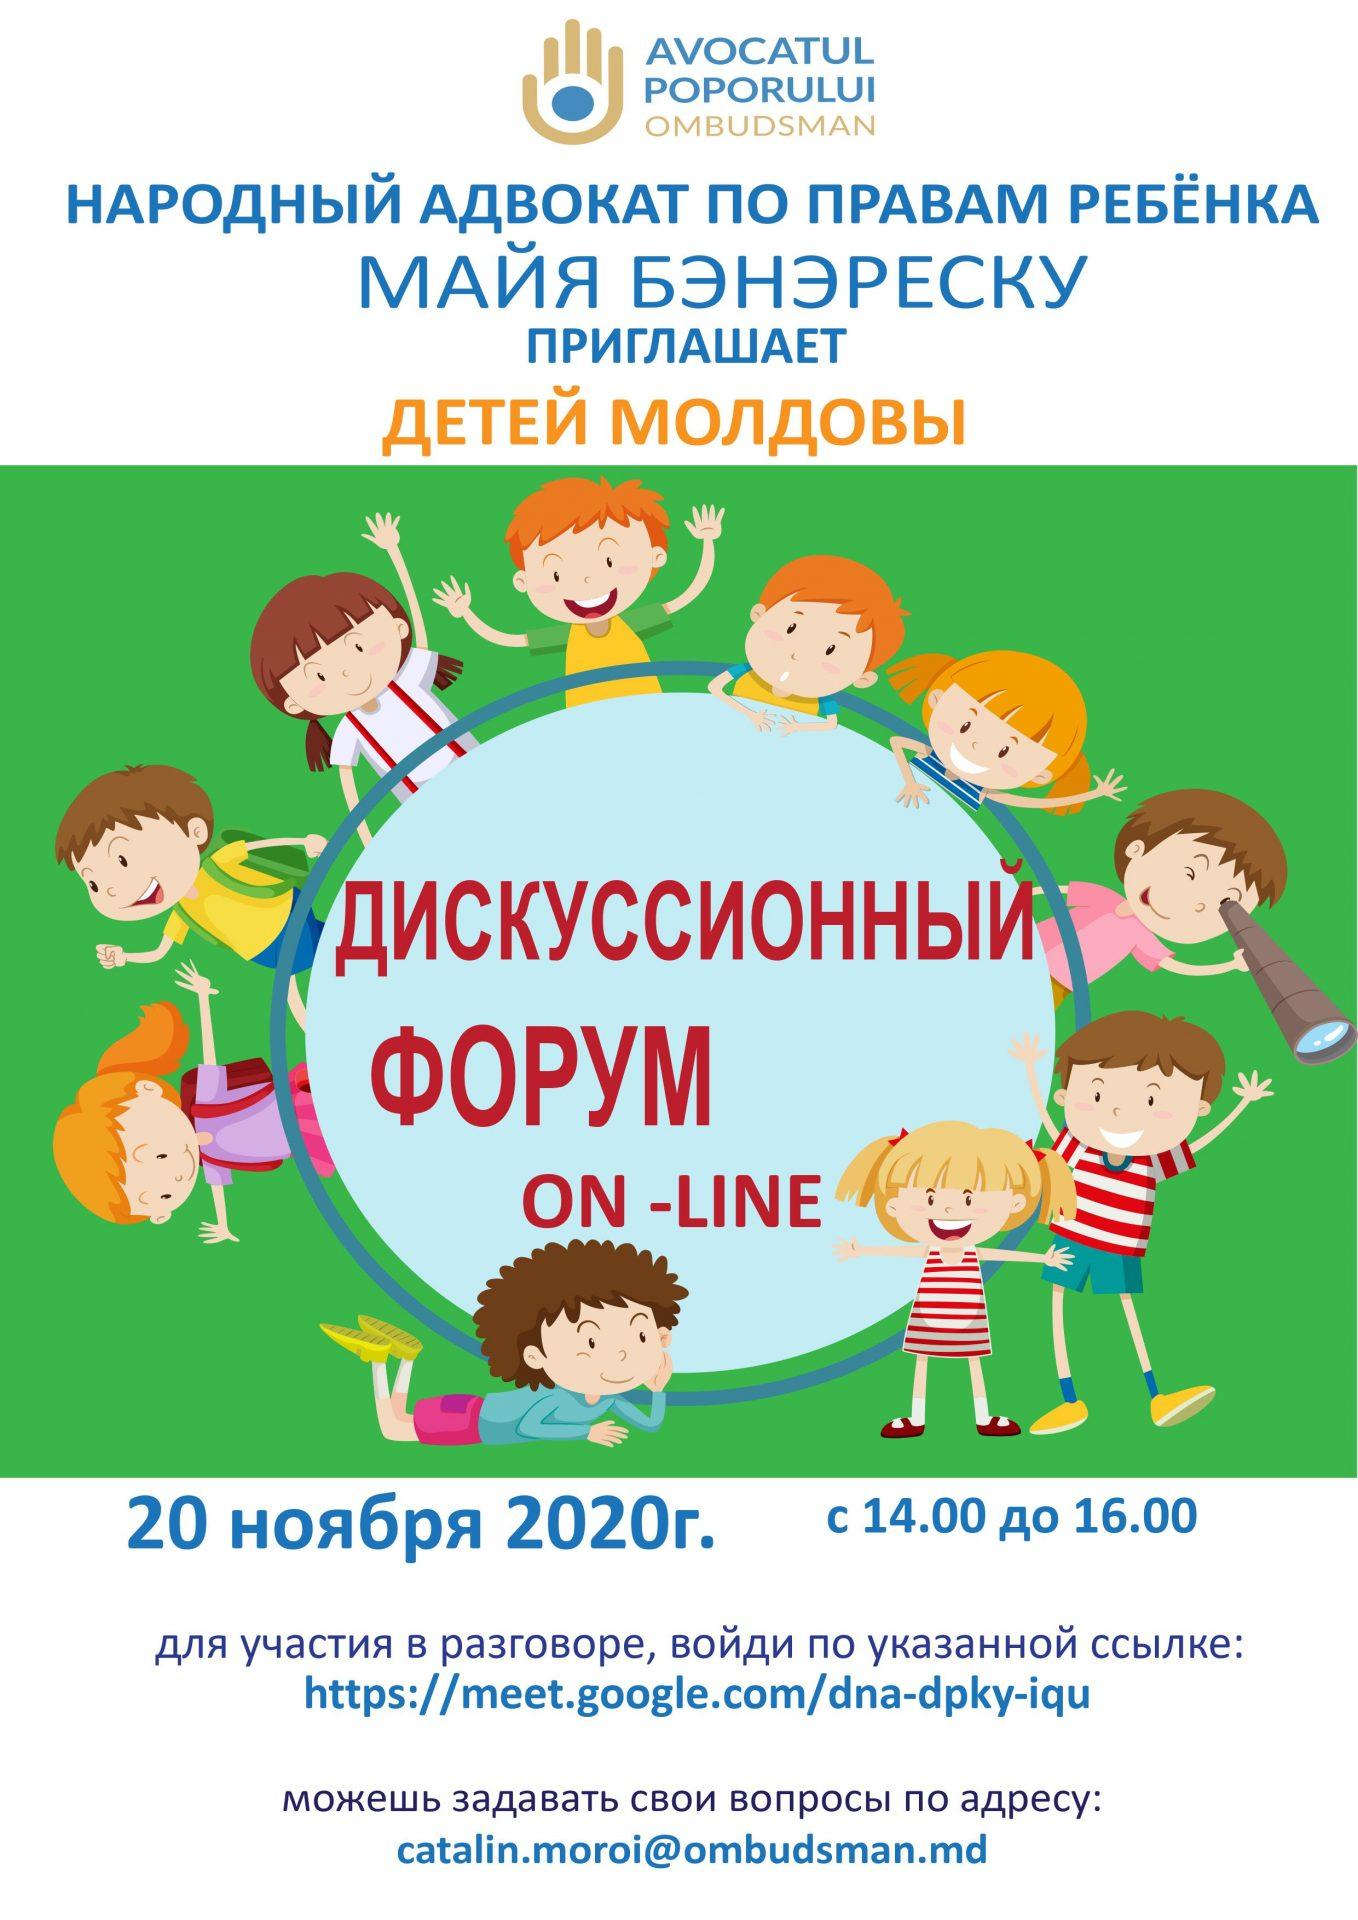 Детский Омбудсмен приглашает детей на Дискуссионный форум on-line